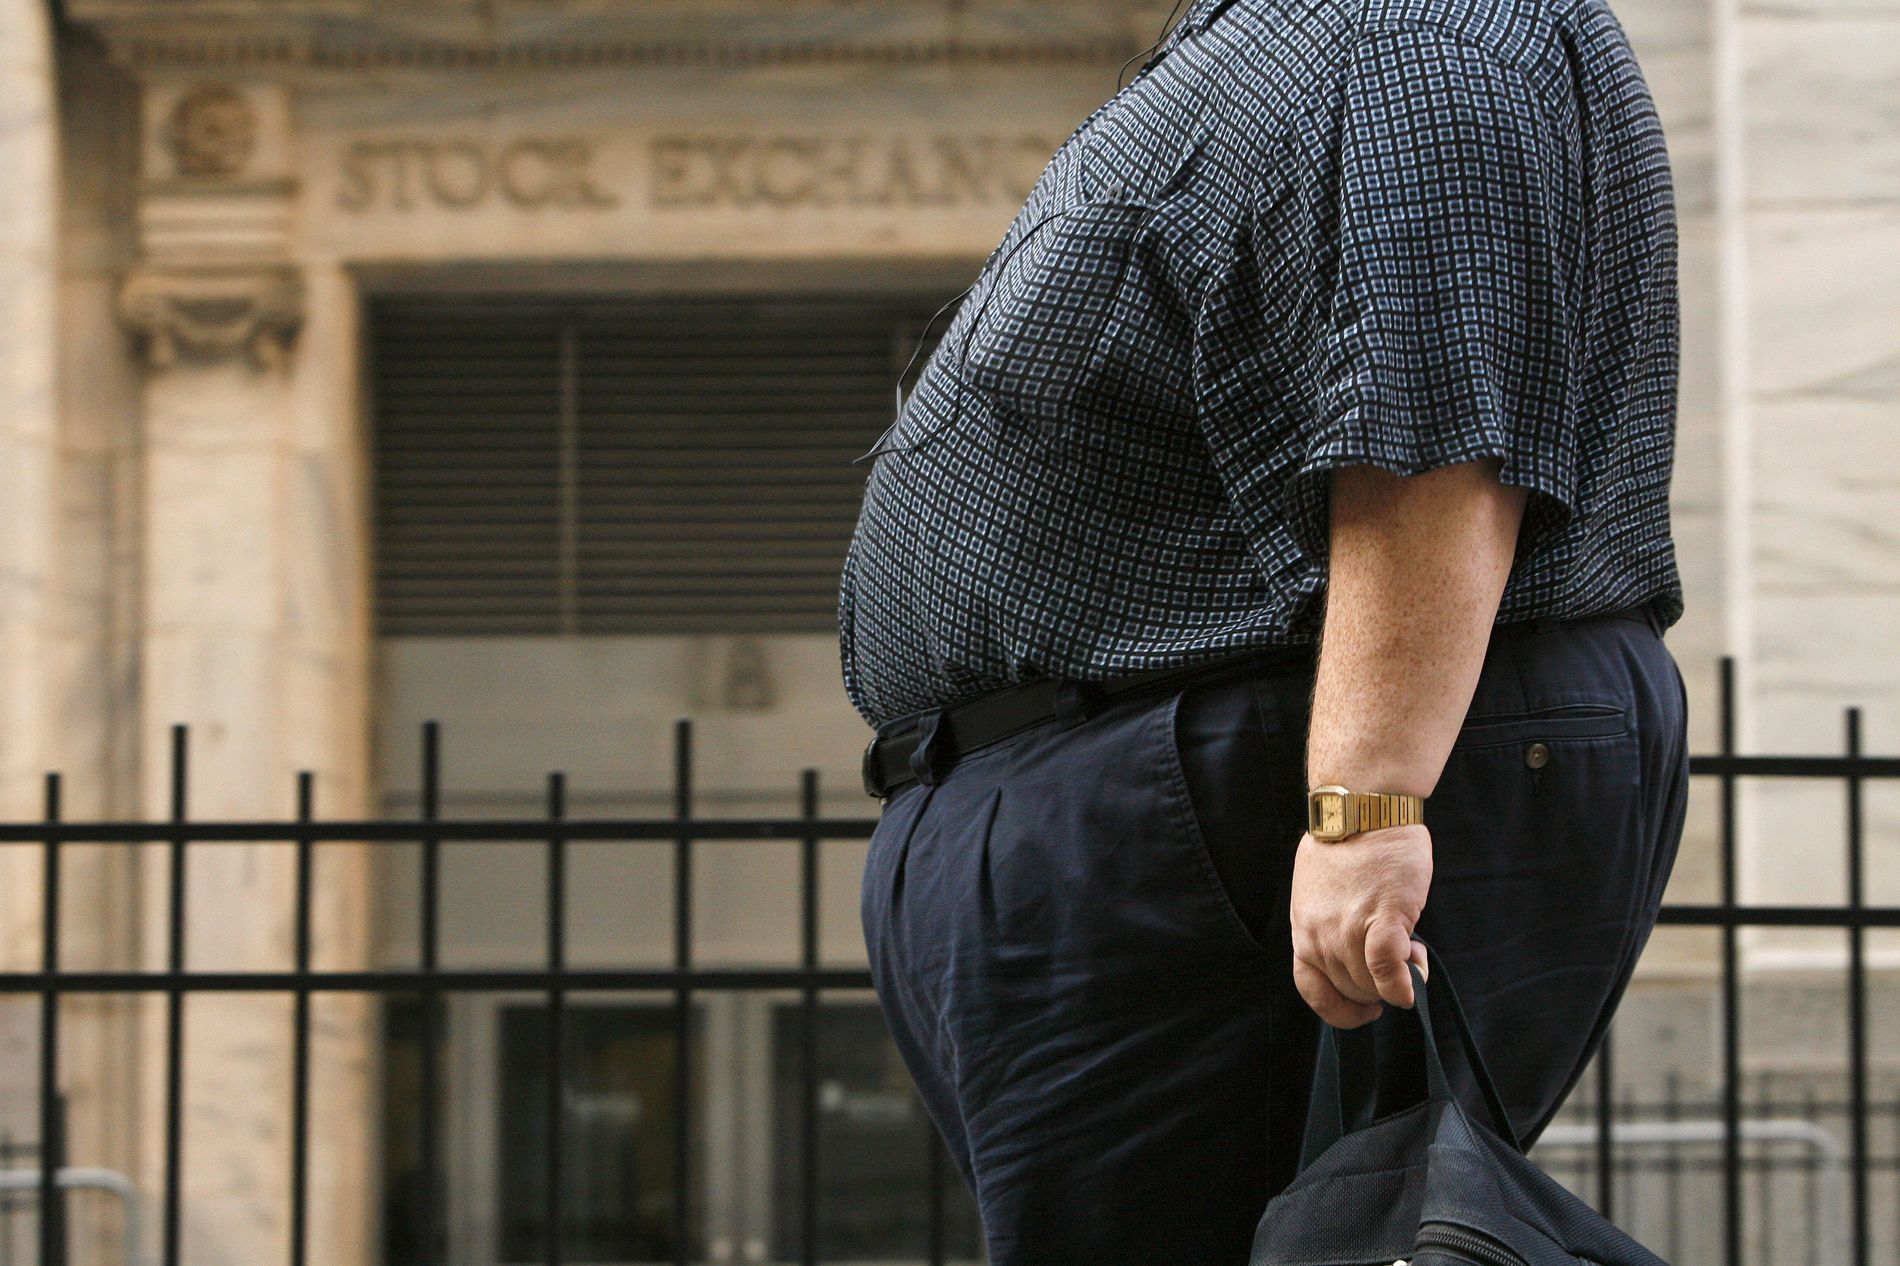 HØYERE RISIKO: Risikoen for å få en av de 13 krefttypene forskerne har sett på, øker dersom man er overvektig. Vi kunne unngått flere tusen krefttilfeller i Norge de kommende årene dersom ingen var overvektige.